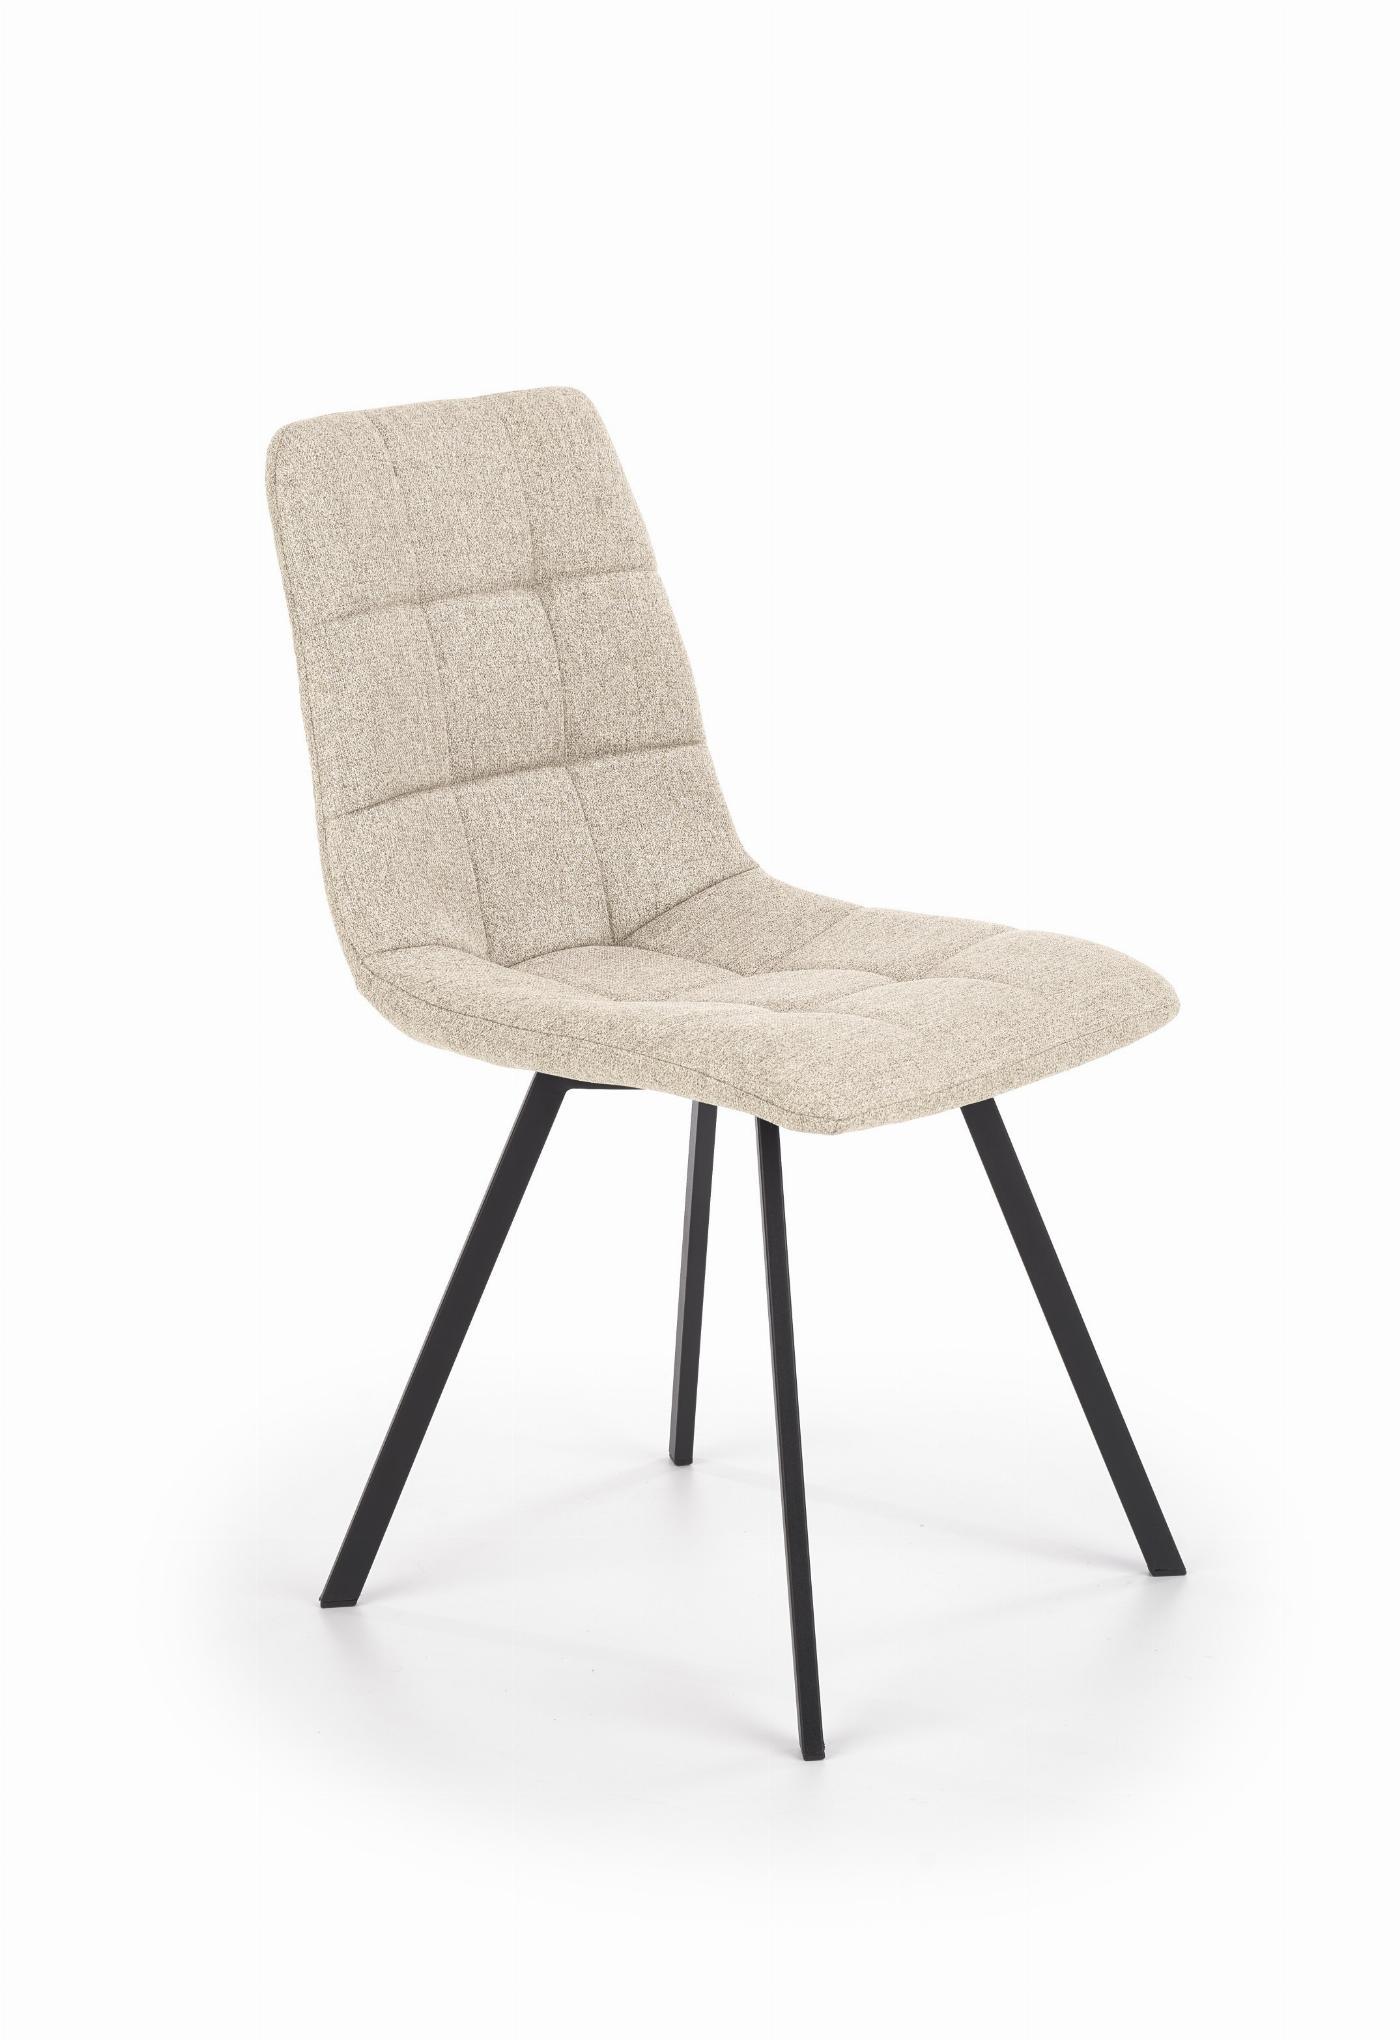 K402 krzesło beżowy